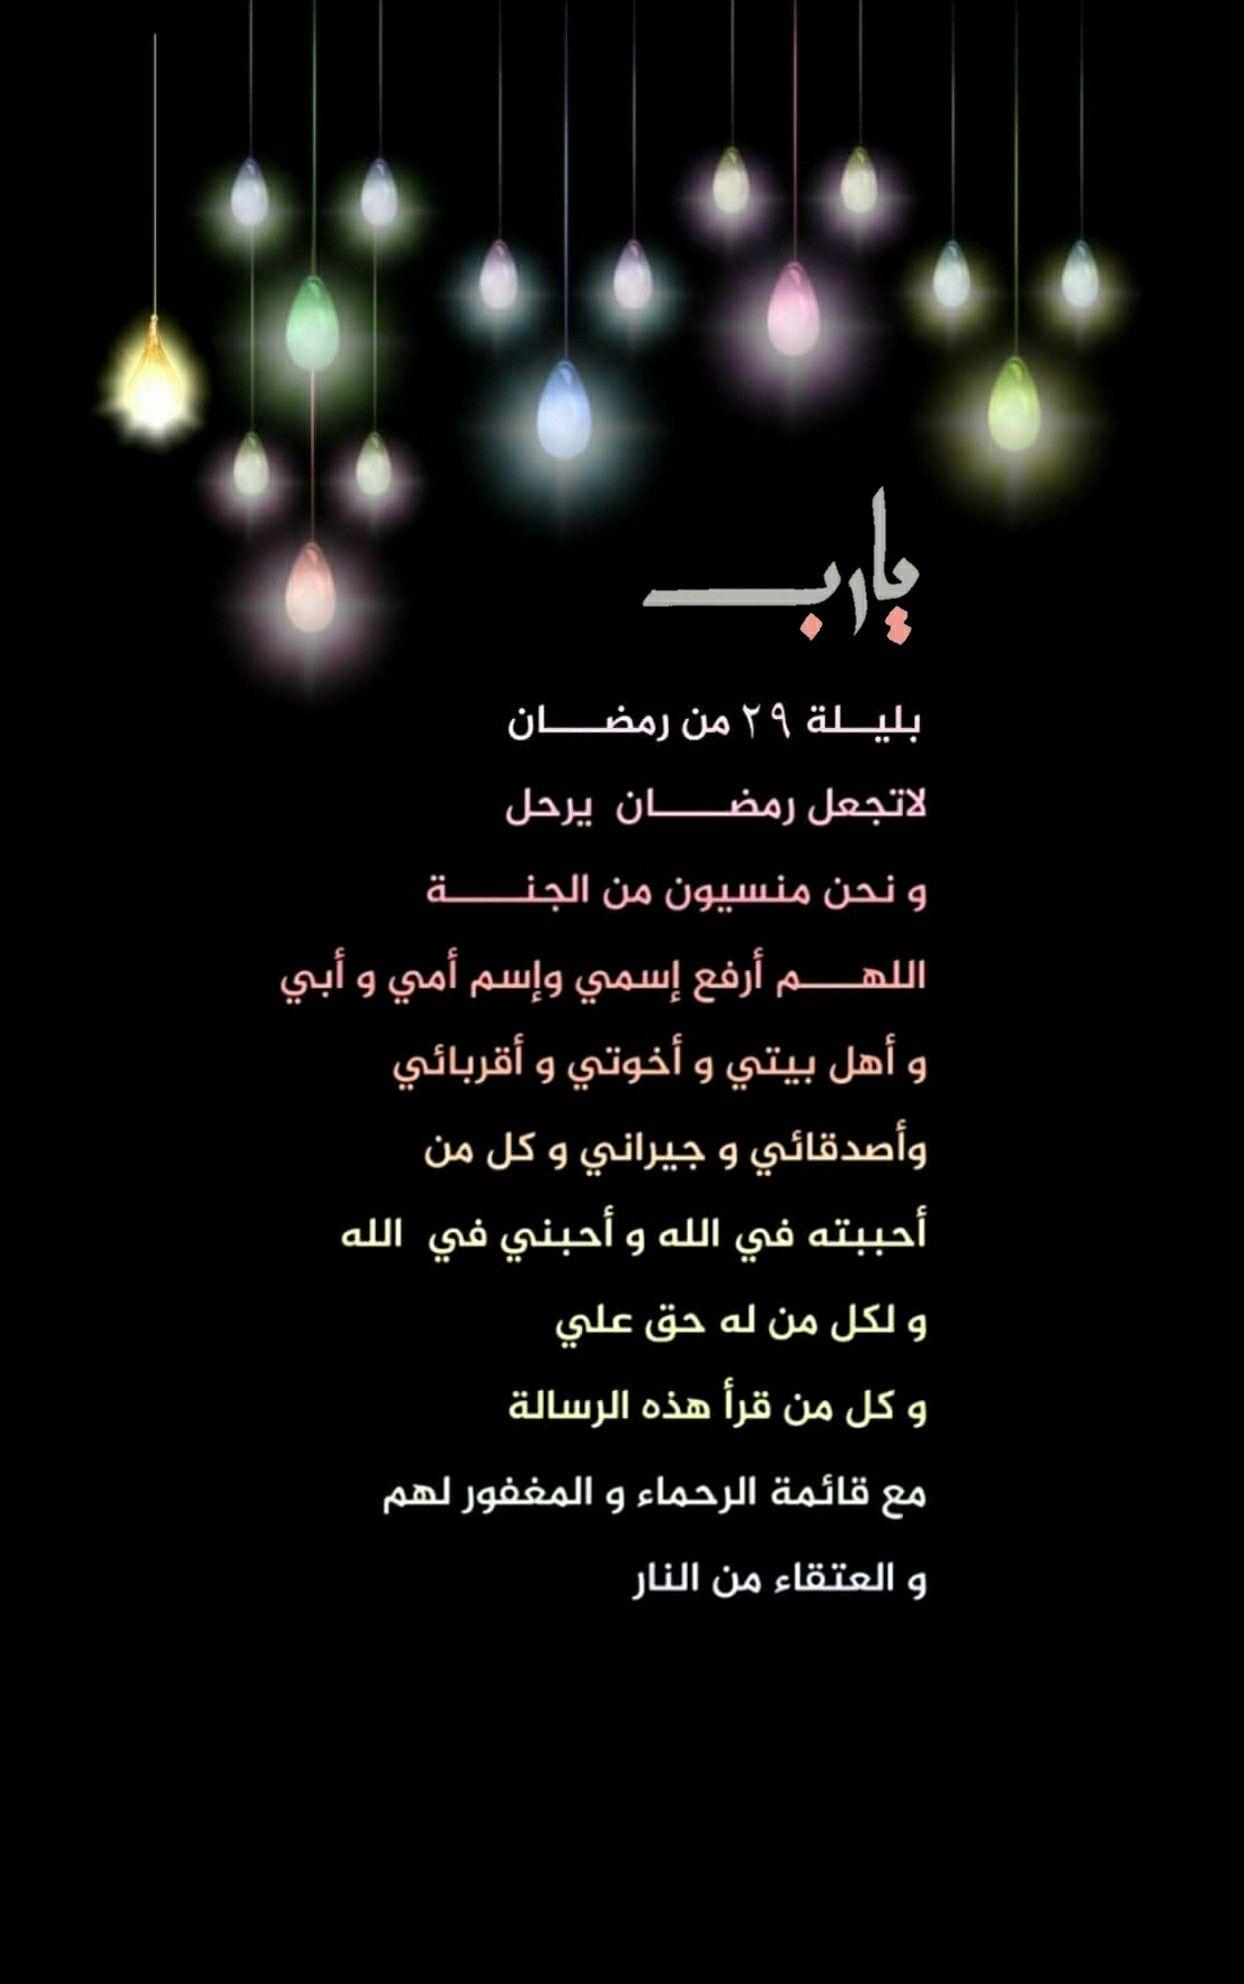 يــــــارب بليــلة ٢٩ من رمضــان لاتجعل رمضان يرحل و نحن منسيون من الجنة اللهــــم إجعلنا مع قائمة الرحماء اللهـــ Ramadan Quotes Ramadan Cards Ramadan Day